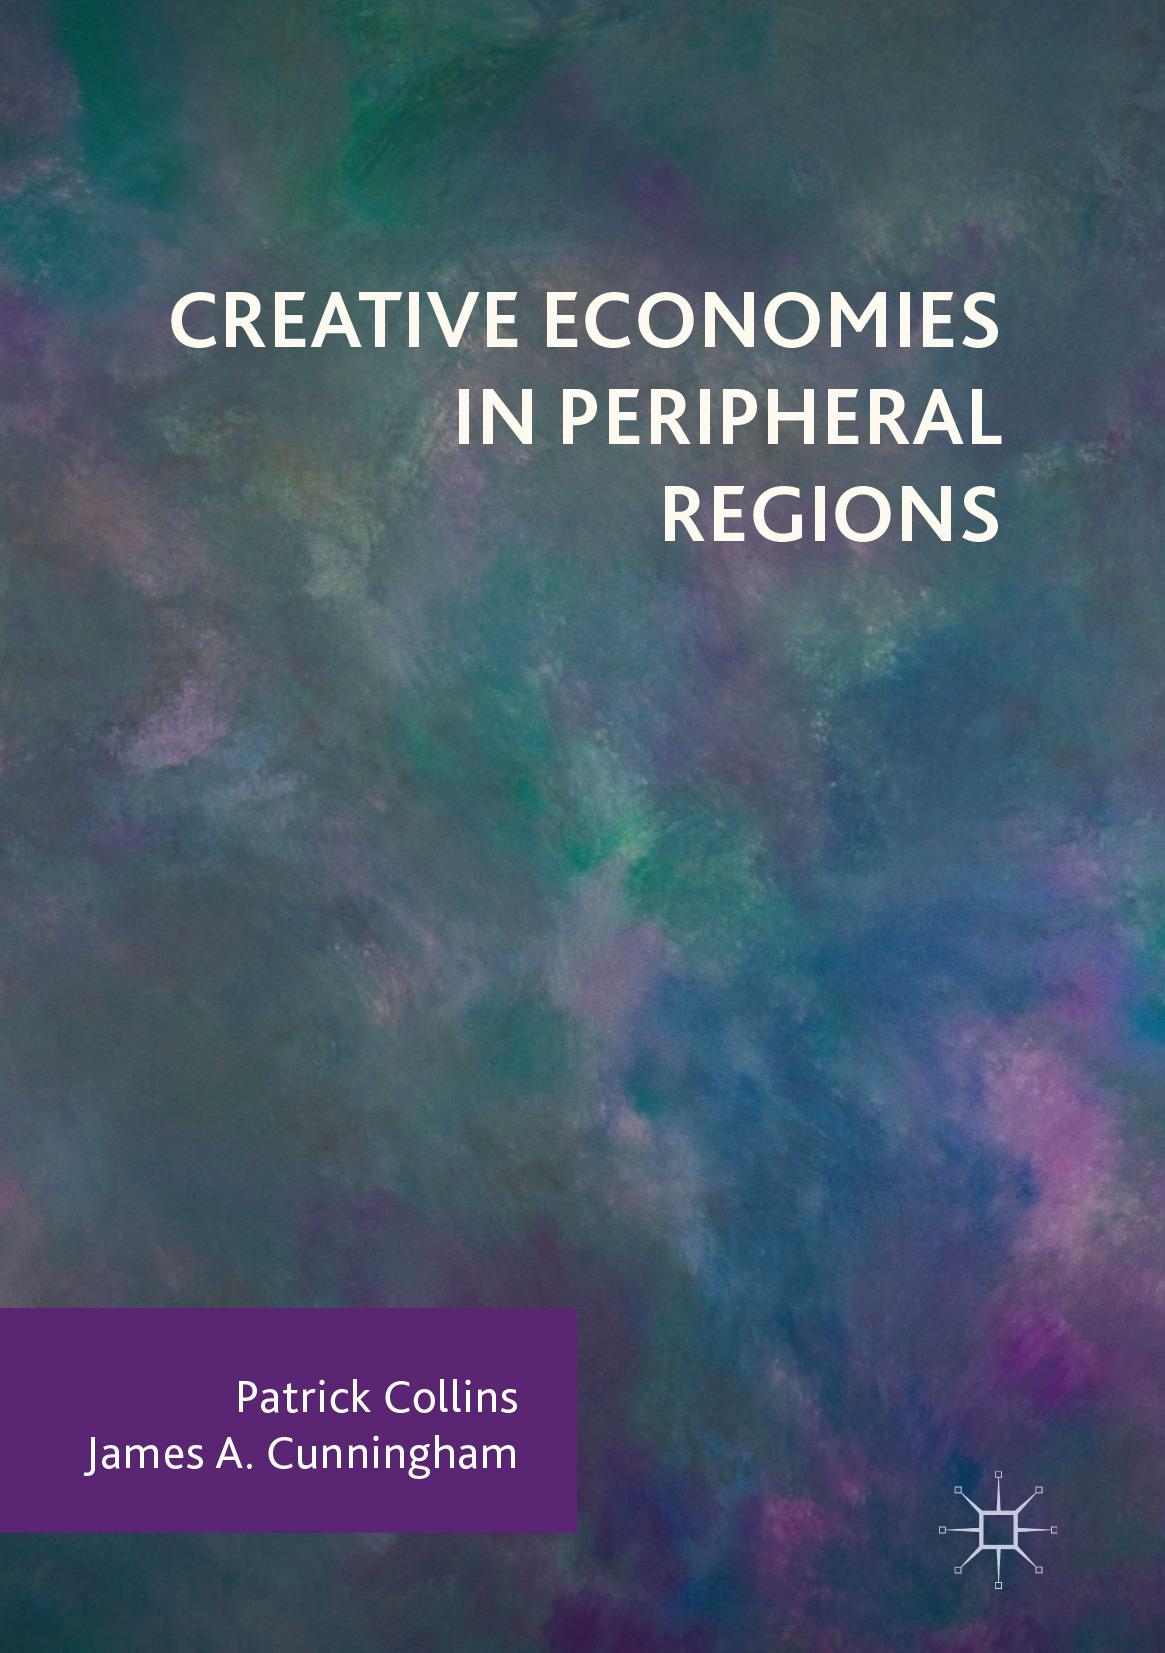 Collins, Patrick - Creative Economies in Peripheral Regions, ebook